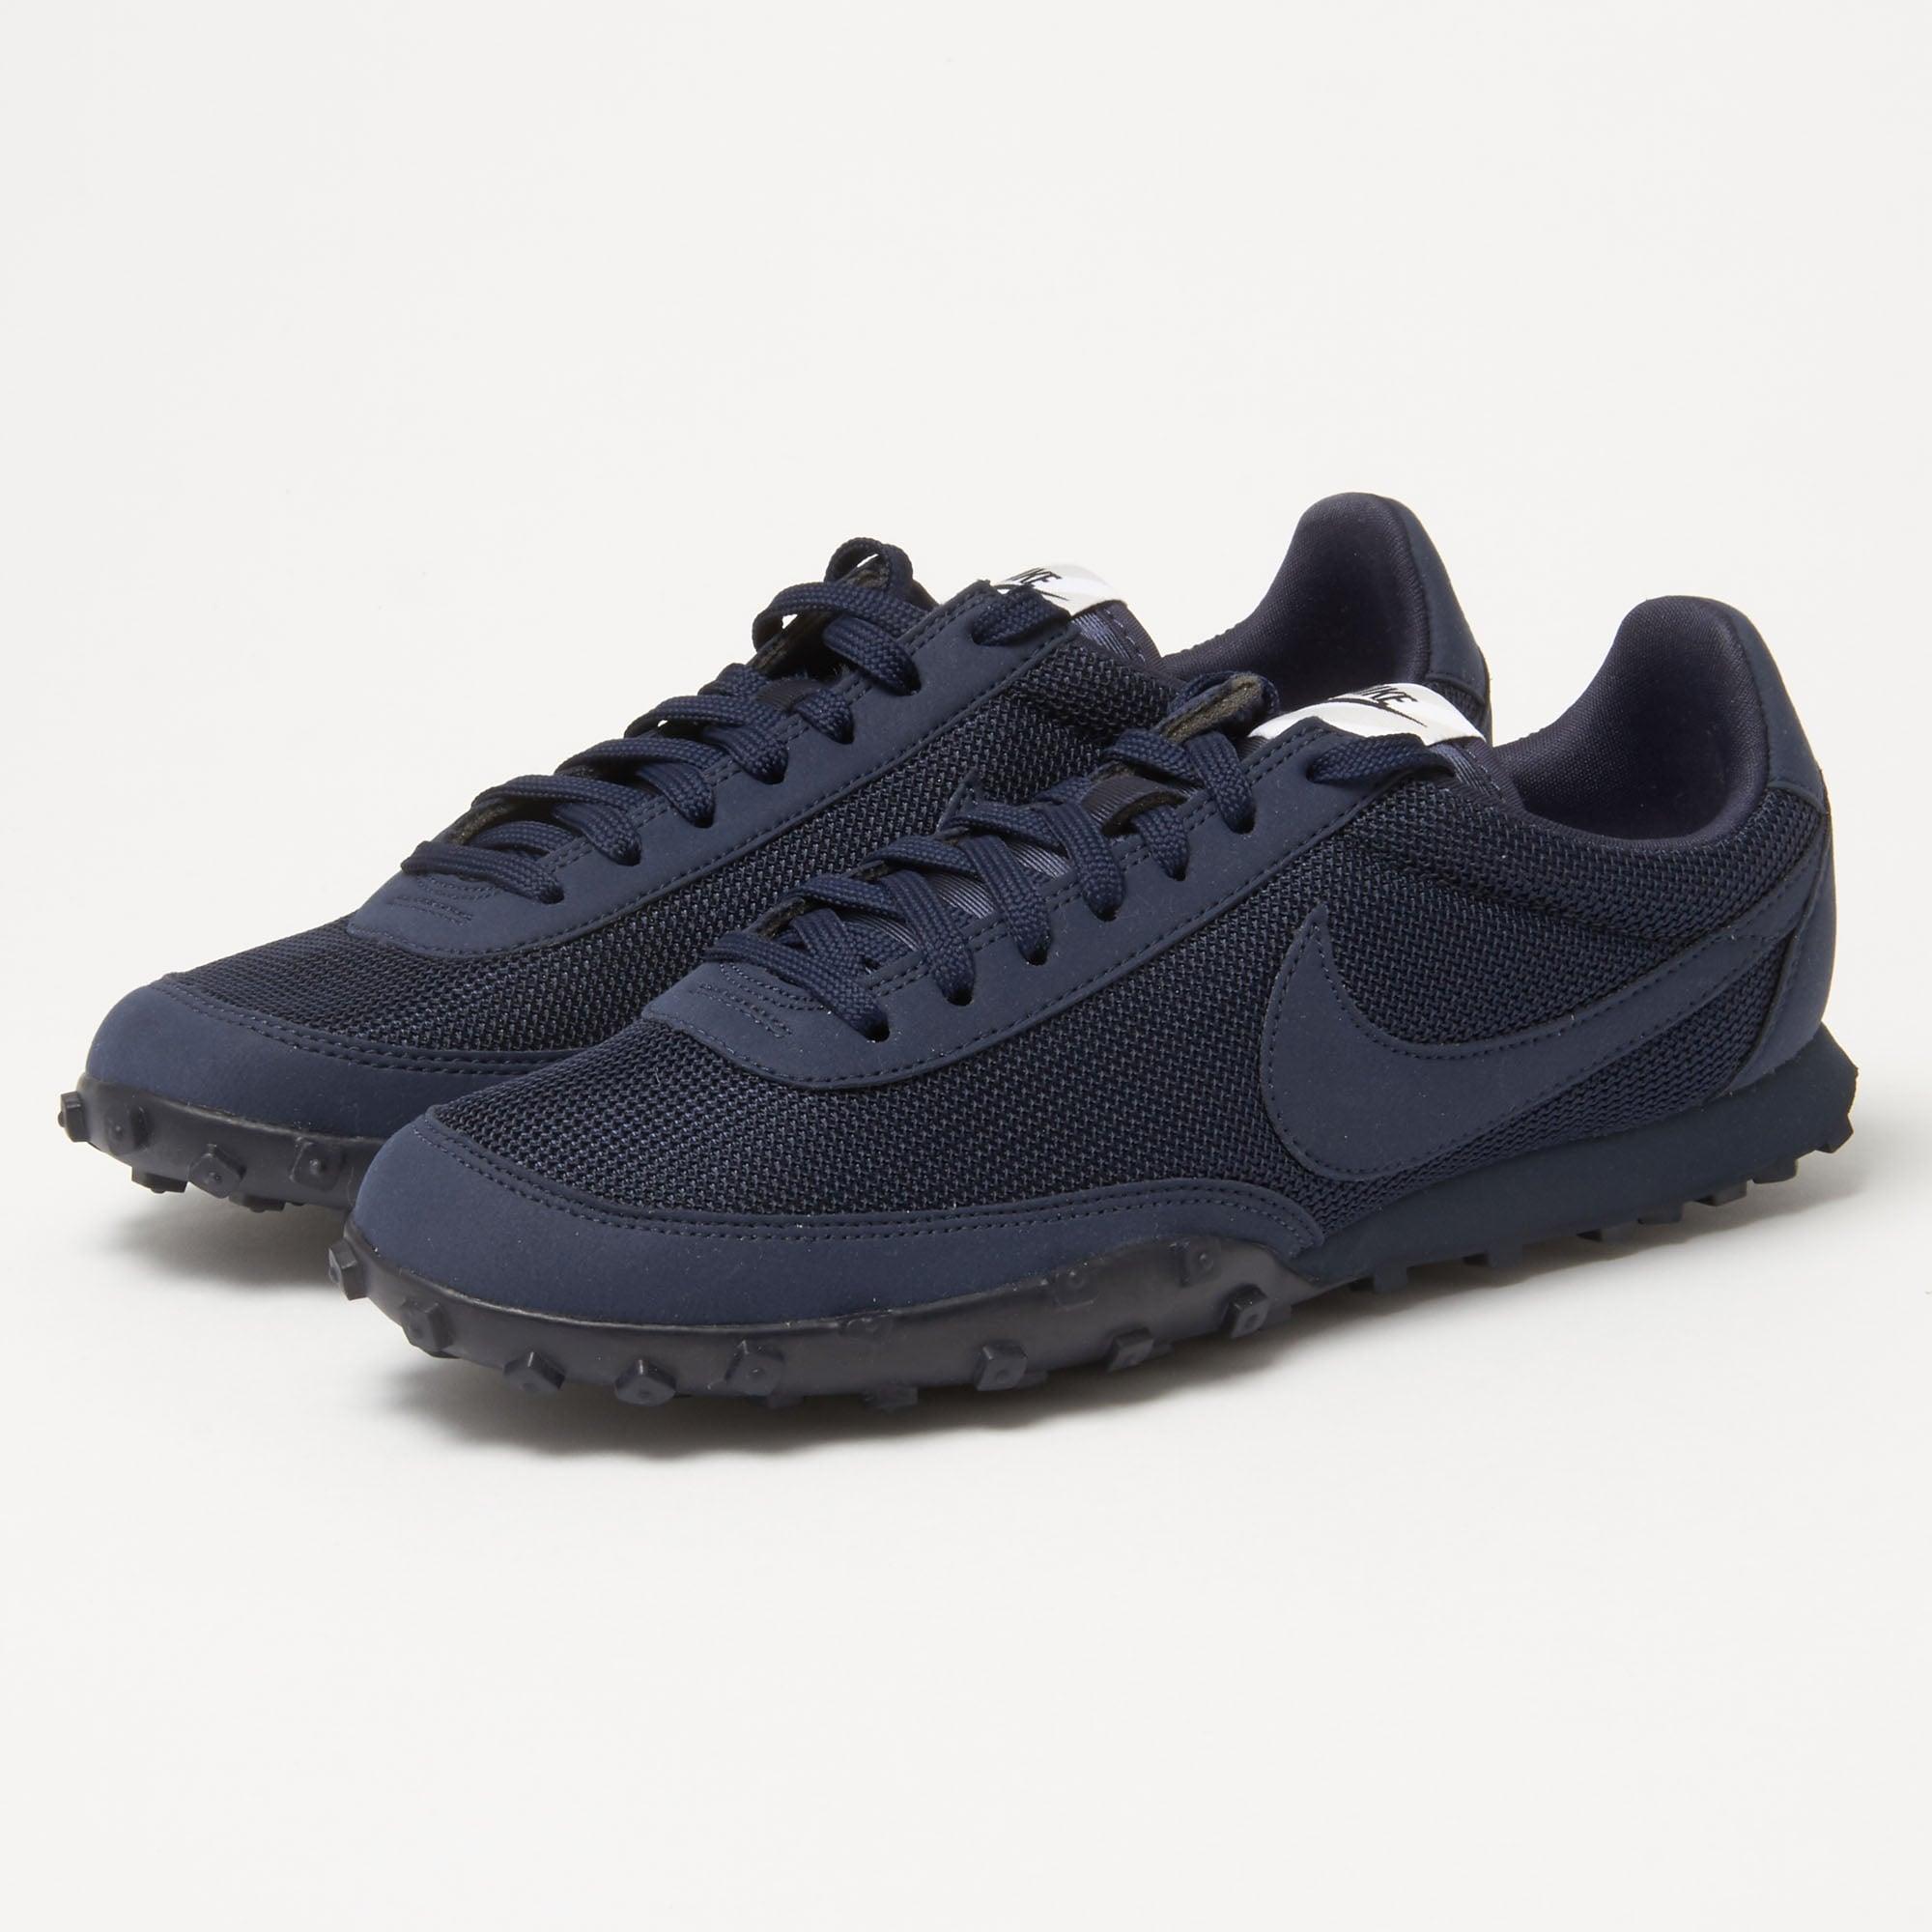 e156955094e0 Lyst - Nike Waffle Racer  17 Prm Obsidian Sneaker in Blue for Men